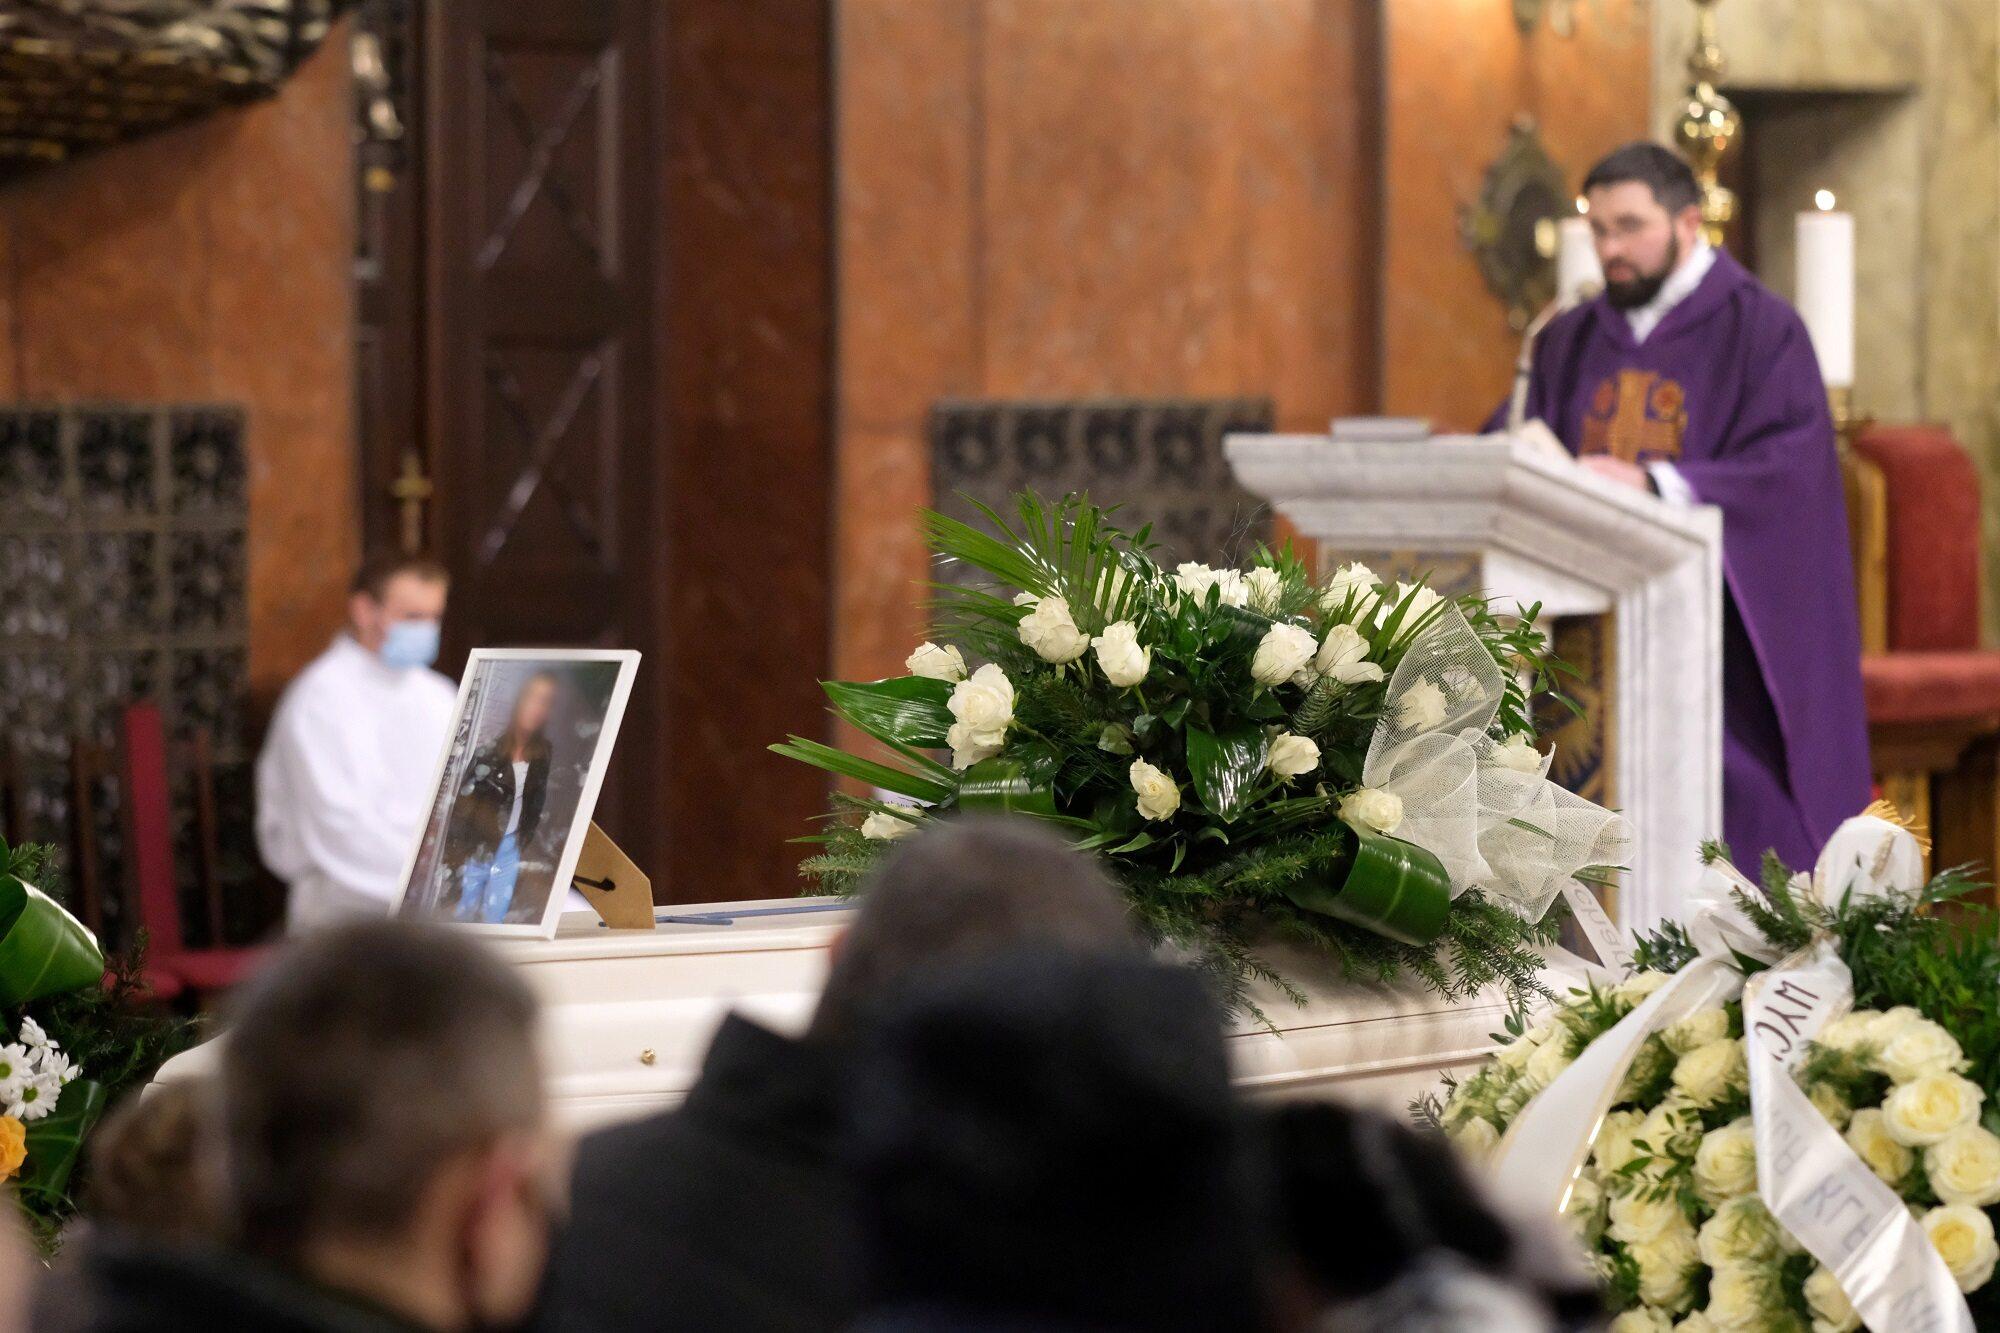 Uroczystości pogrzebowe 13-letniej Patrycji z Bytomia w Bazylice NMP w Piekarach Śląskich.